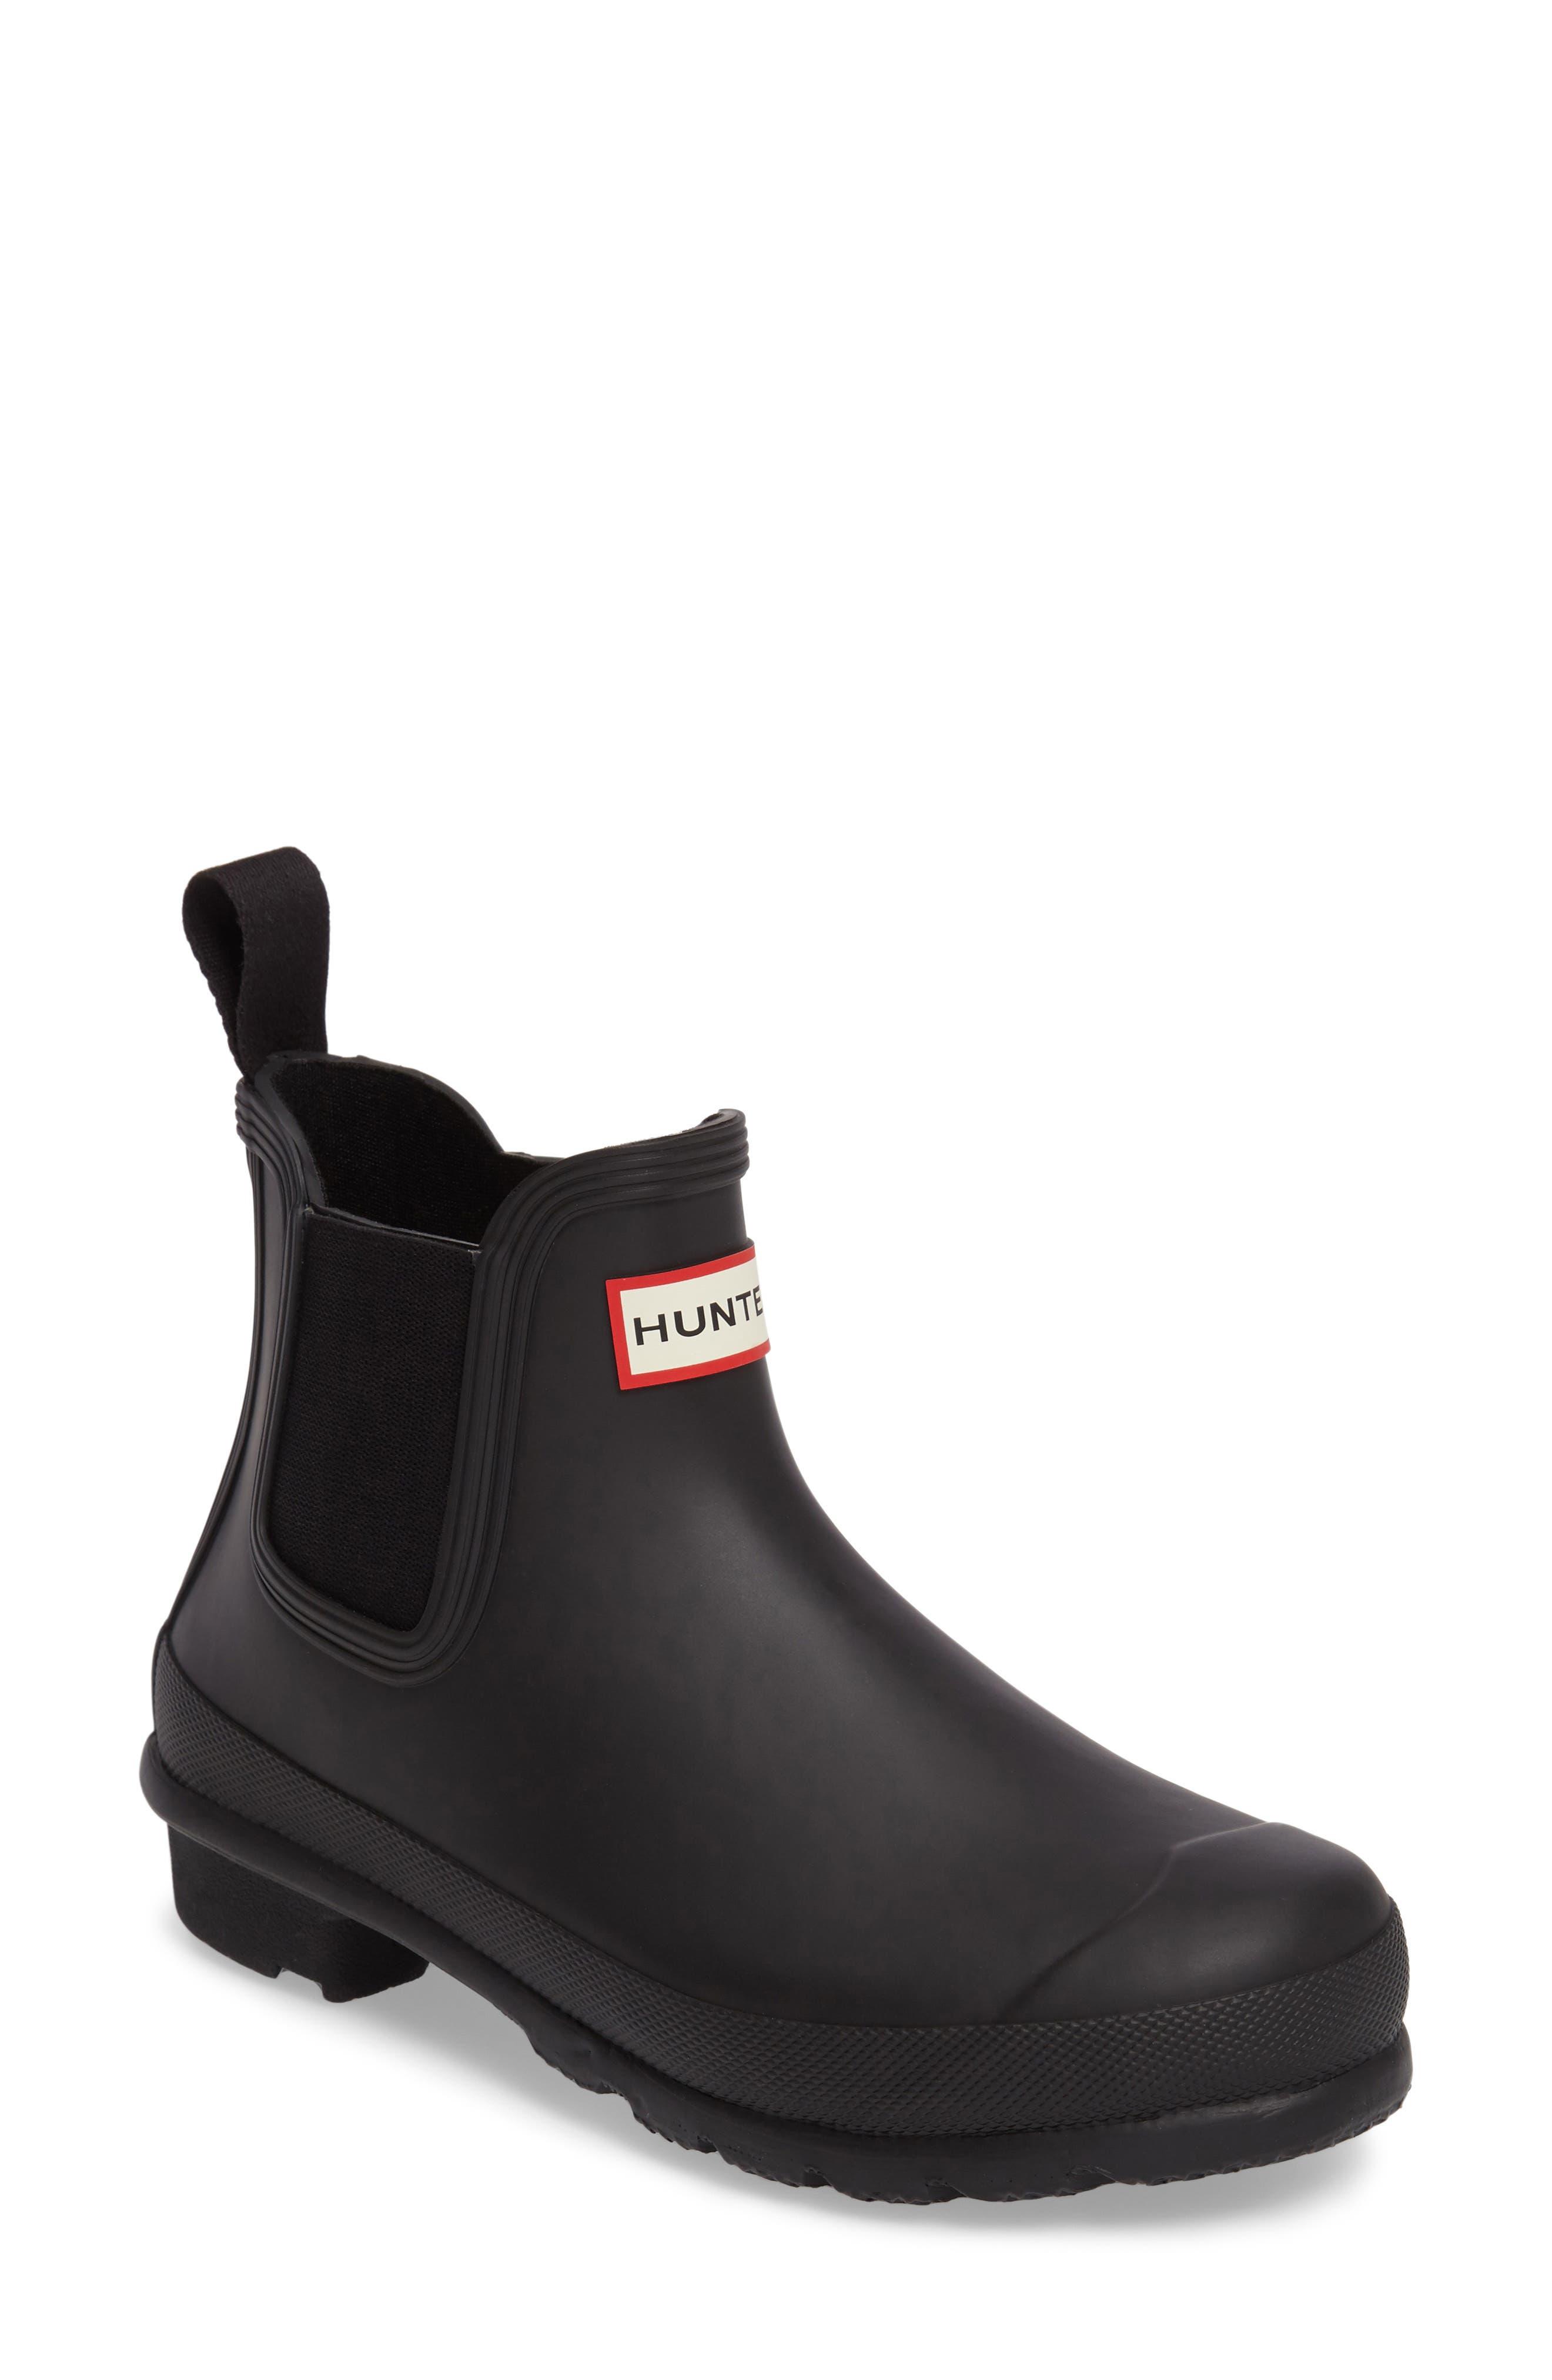 Hunter Original Waterproof Chelsea Rain Boot, Black